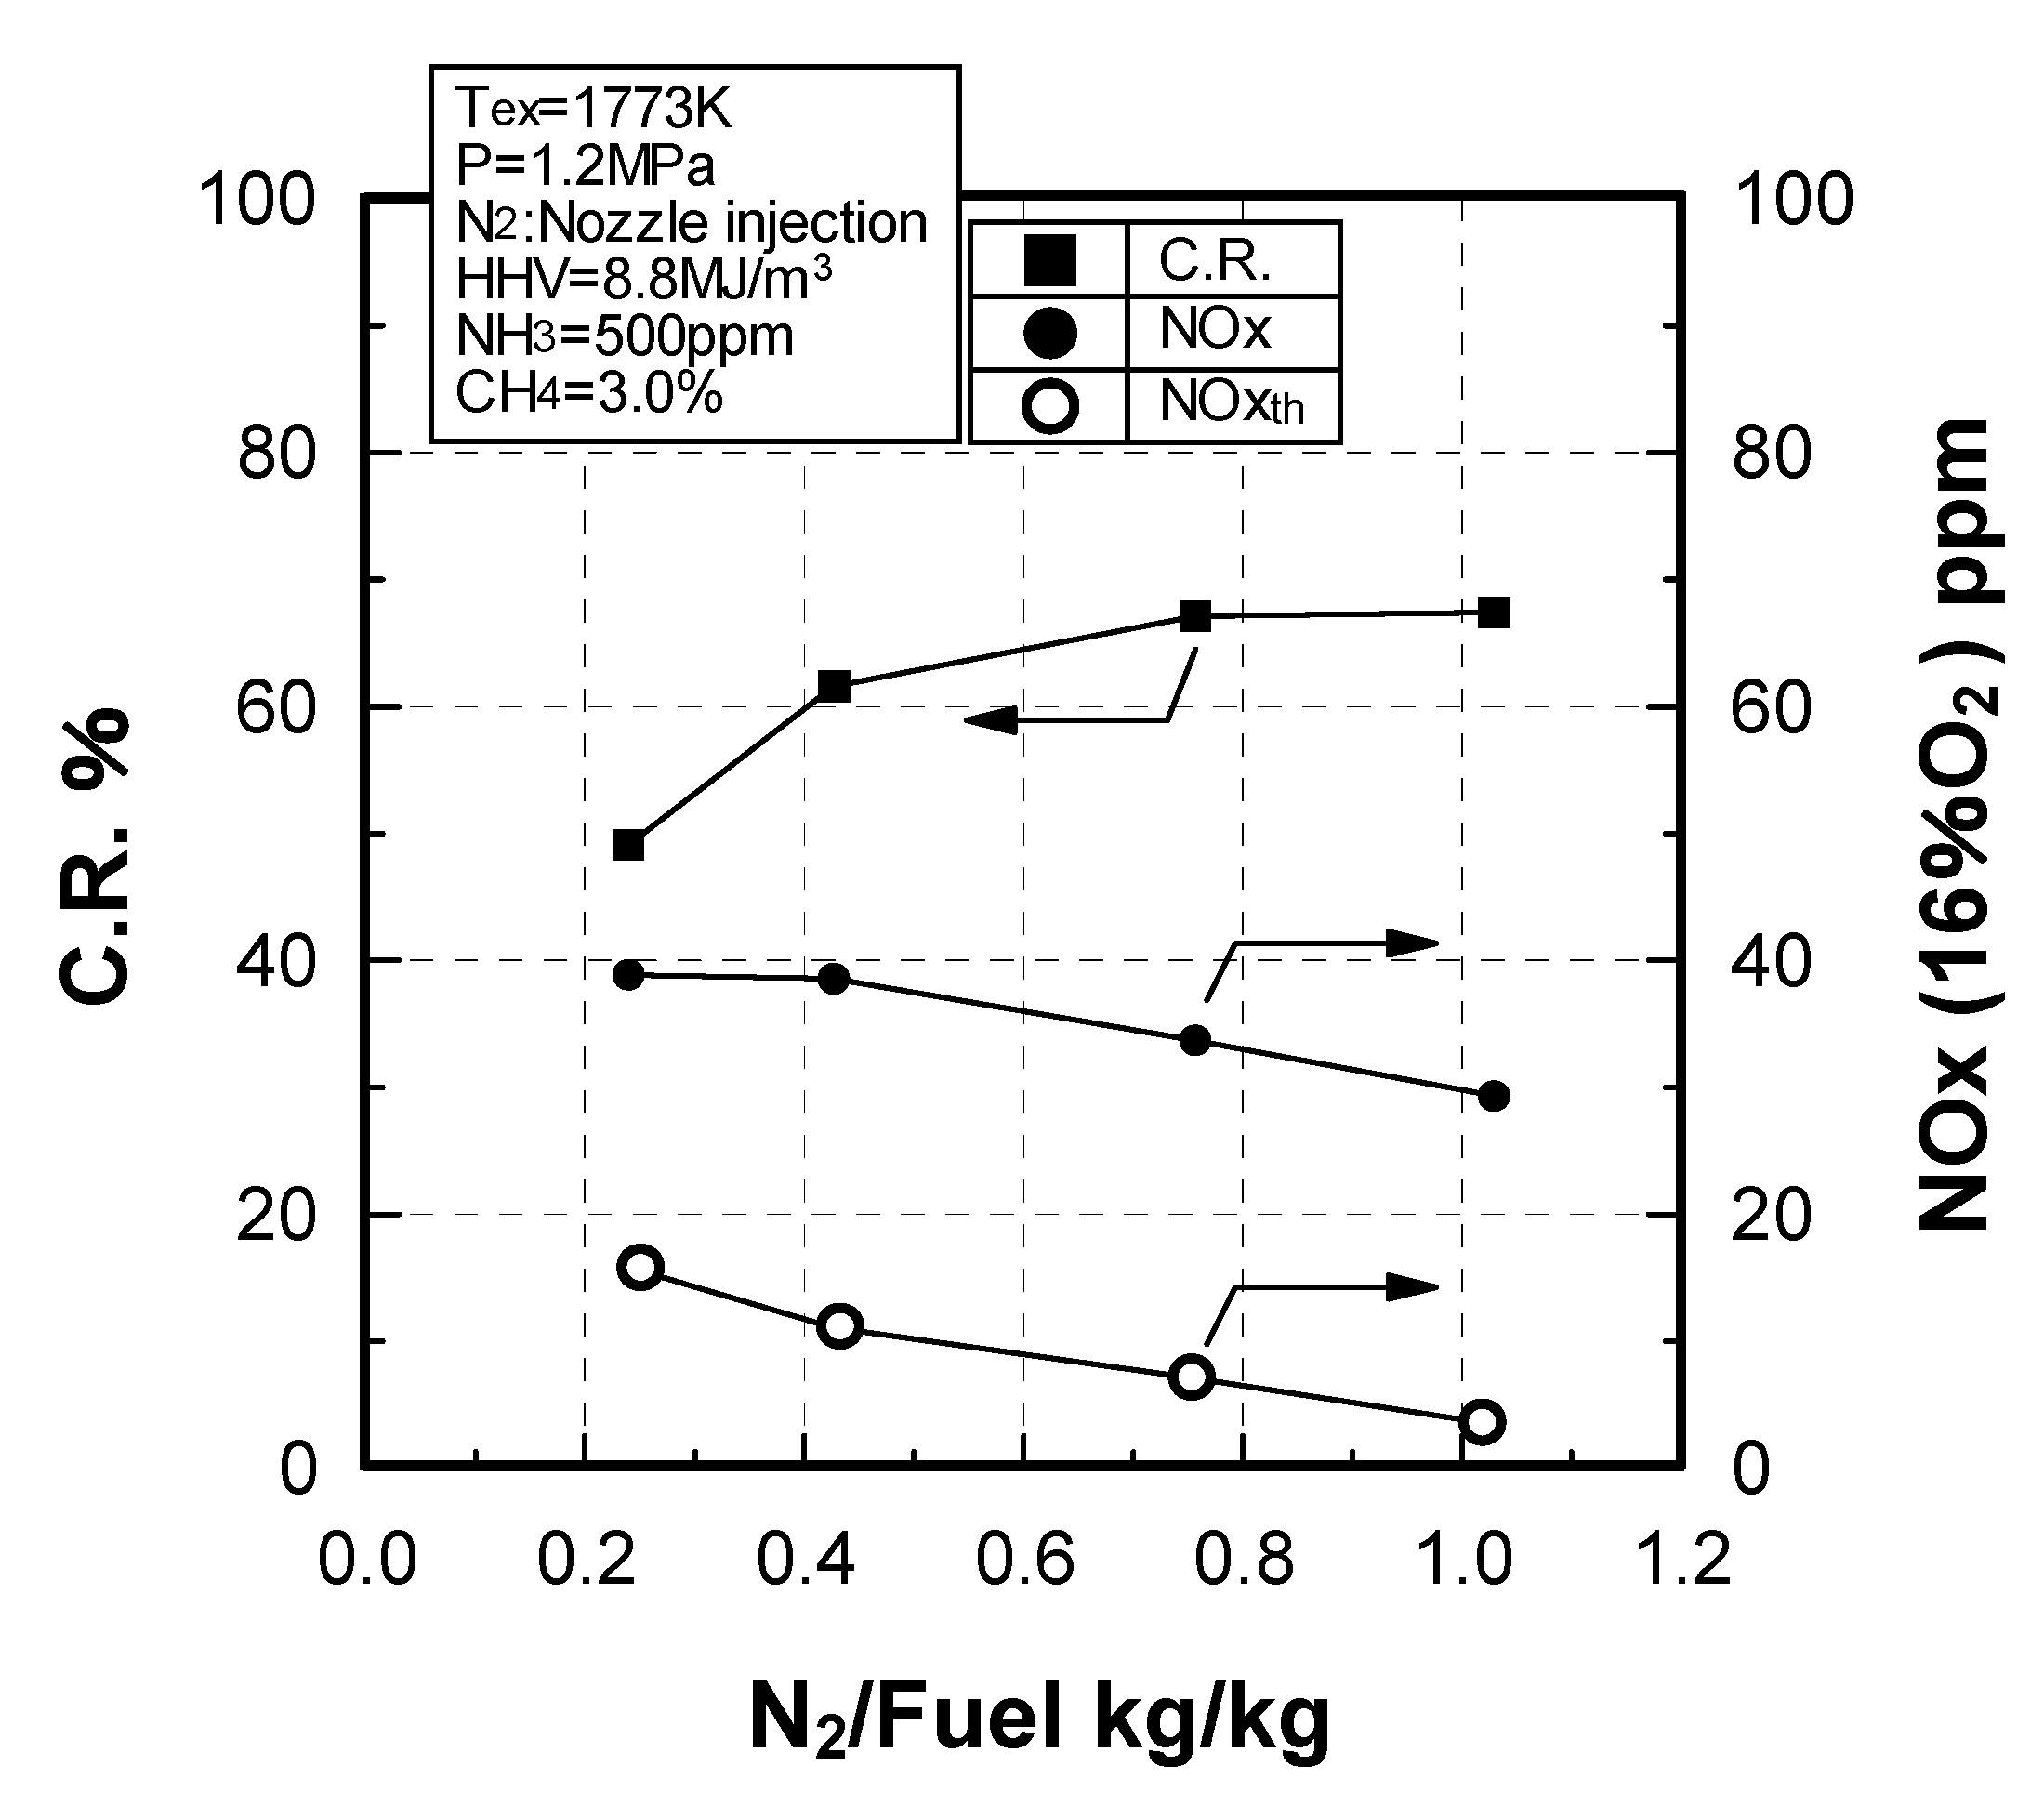 System Engineering Functional N2 Diagram Energies Free Full Text Of System Engineering Functional N2 Diagram